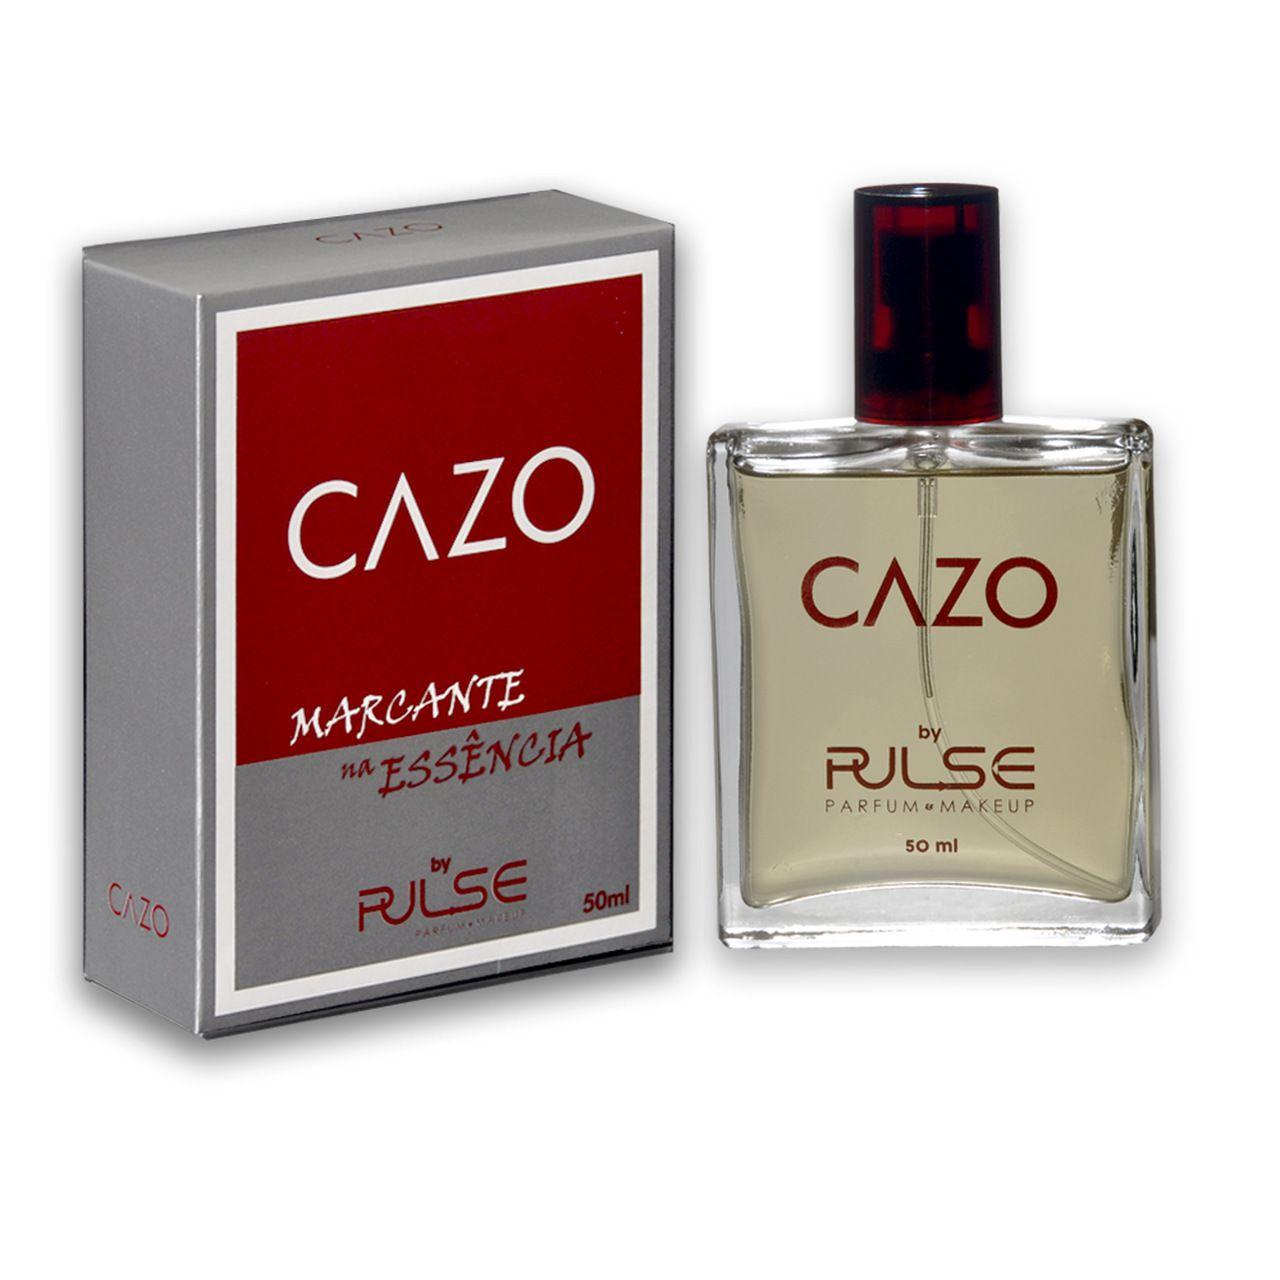 CAZO 27 - 50ml